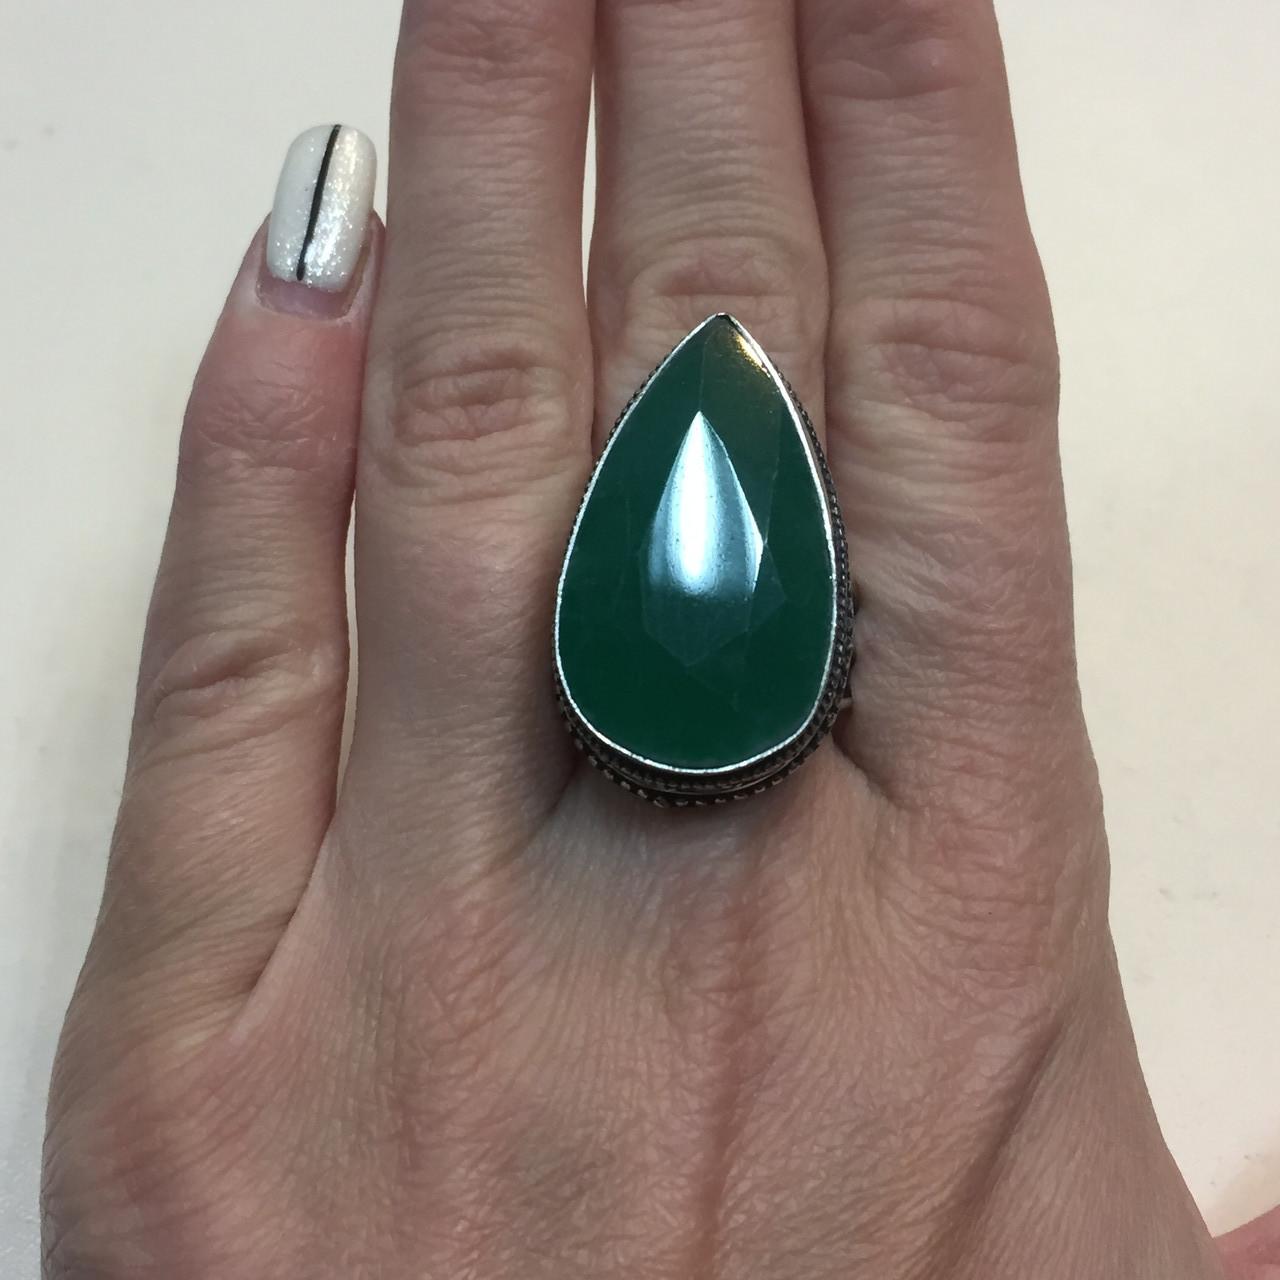 Изумруд кольцо капля с камнем изумруд в серебре. Размер19,7. Кольцо с изумрудом Индия